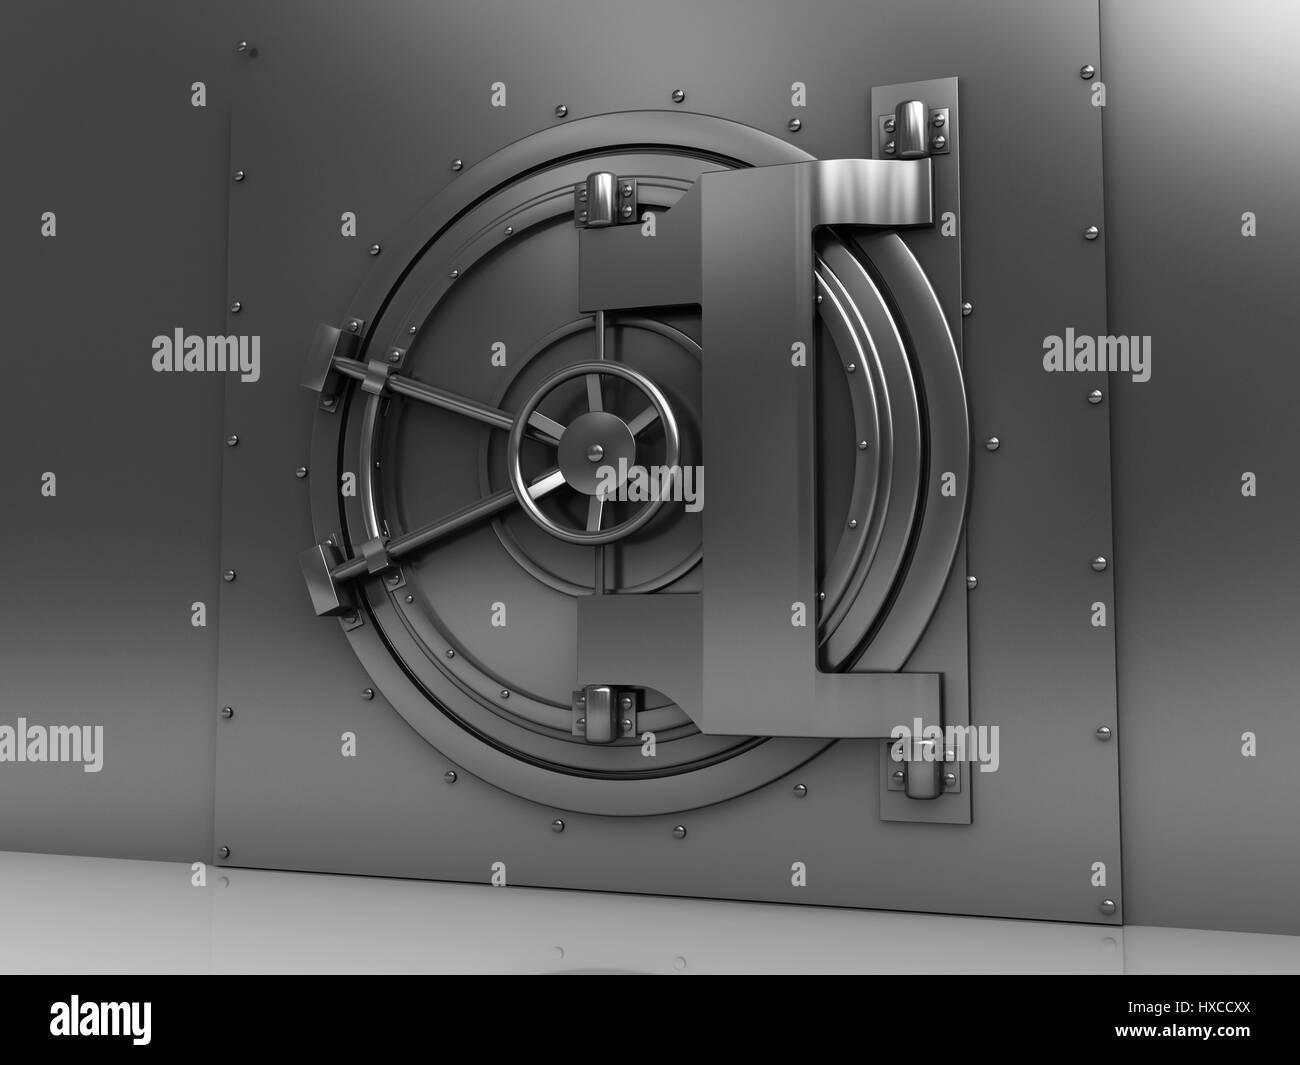 3d illustration of bank vault steel door - Stock Image